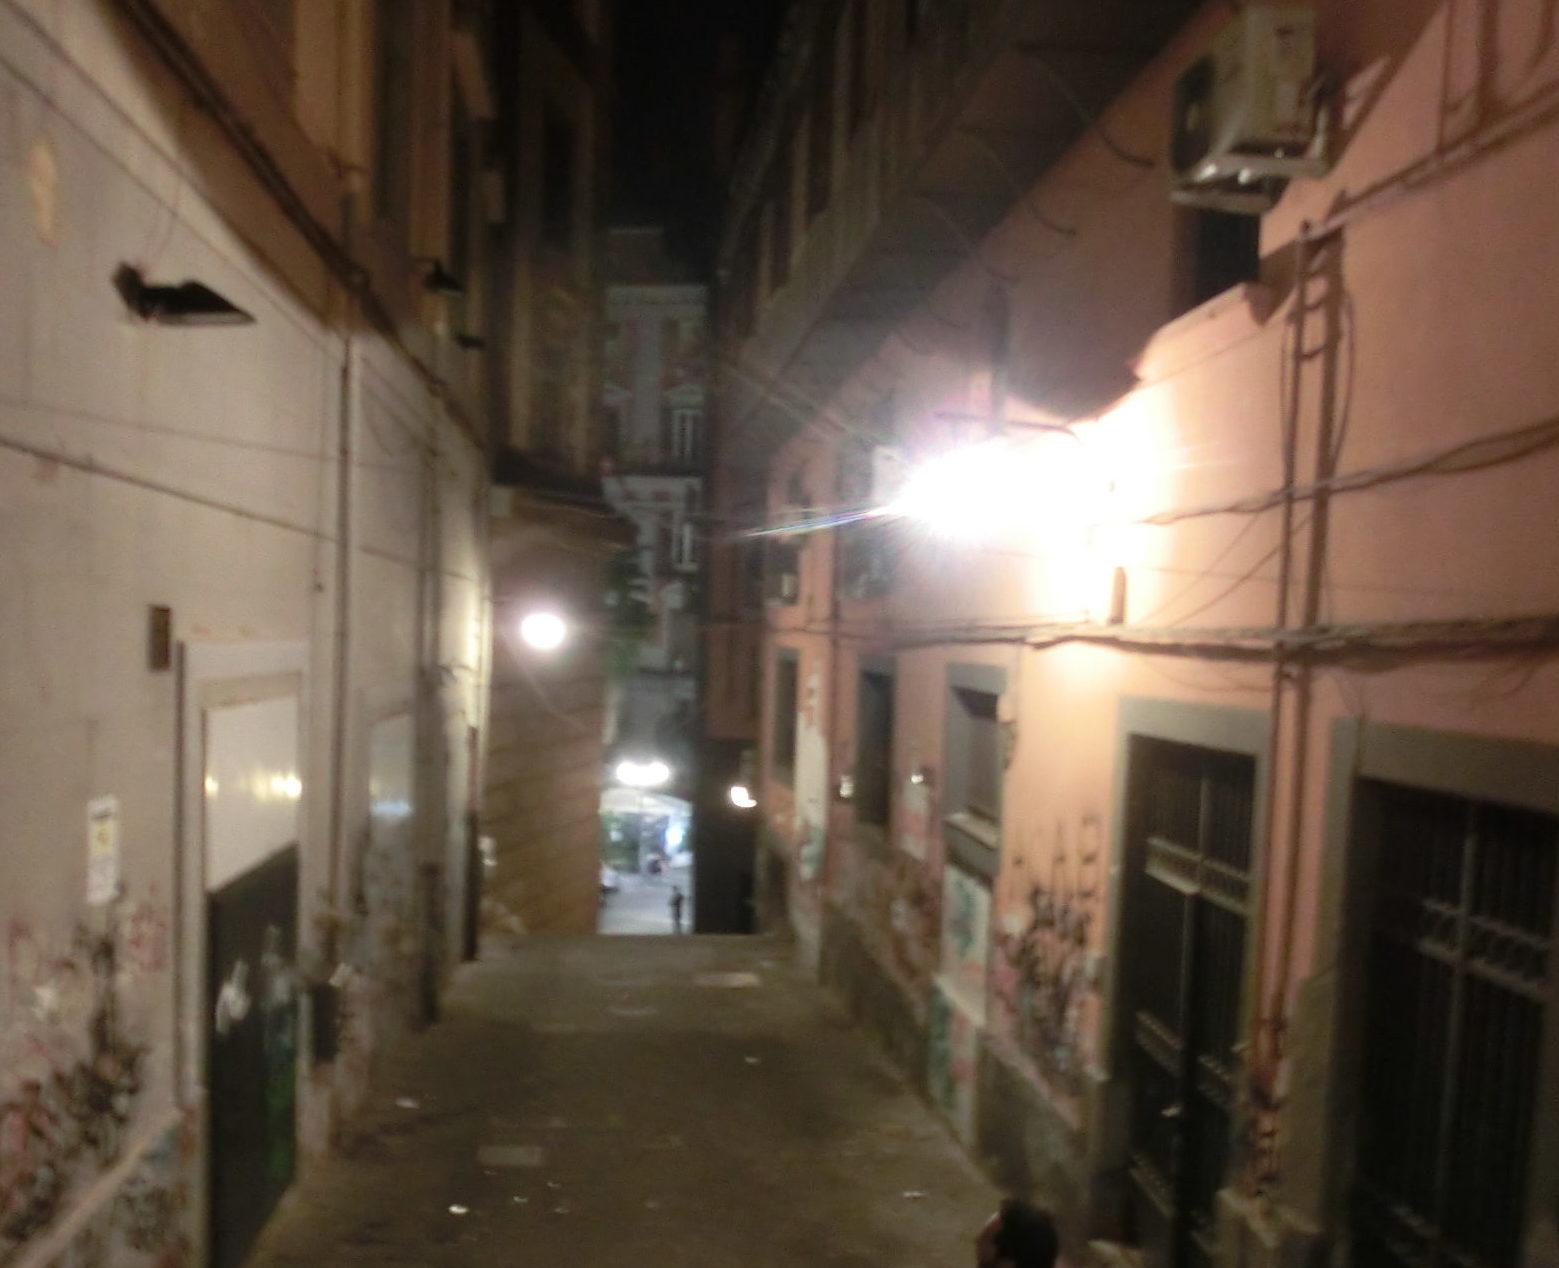 ナポリのゴミ問題、実際はそんなにヒドくなかった